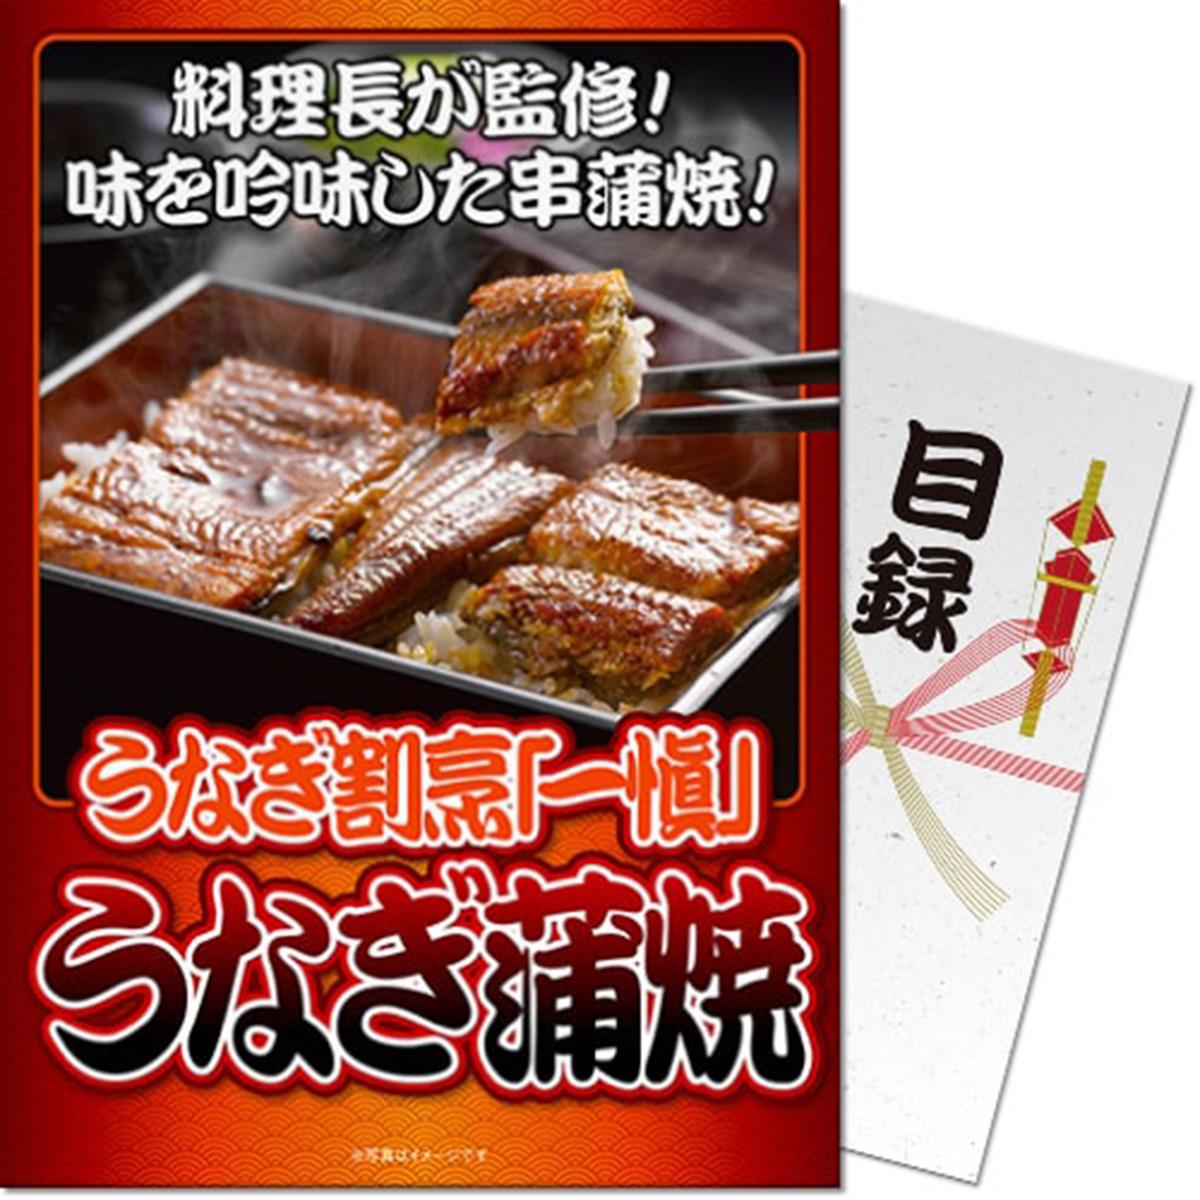 パネもく!うなぎ割烹「一愼」特製蒲焼 目録 A4パネル付き